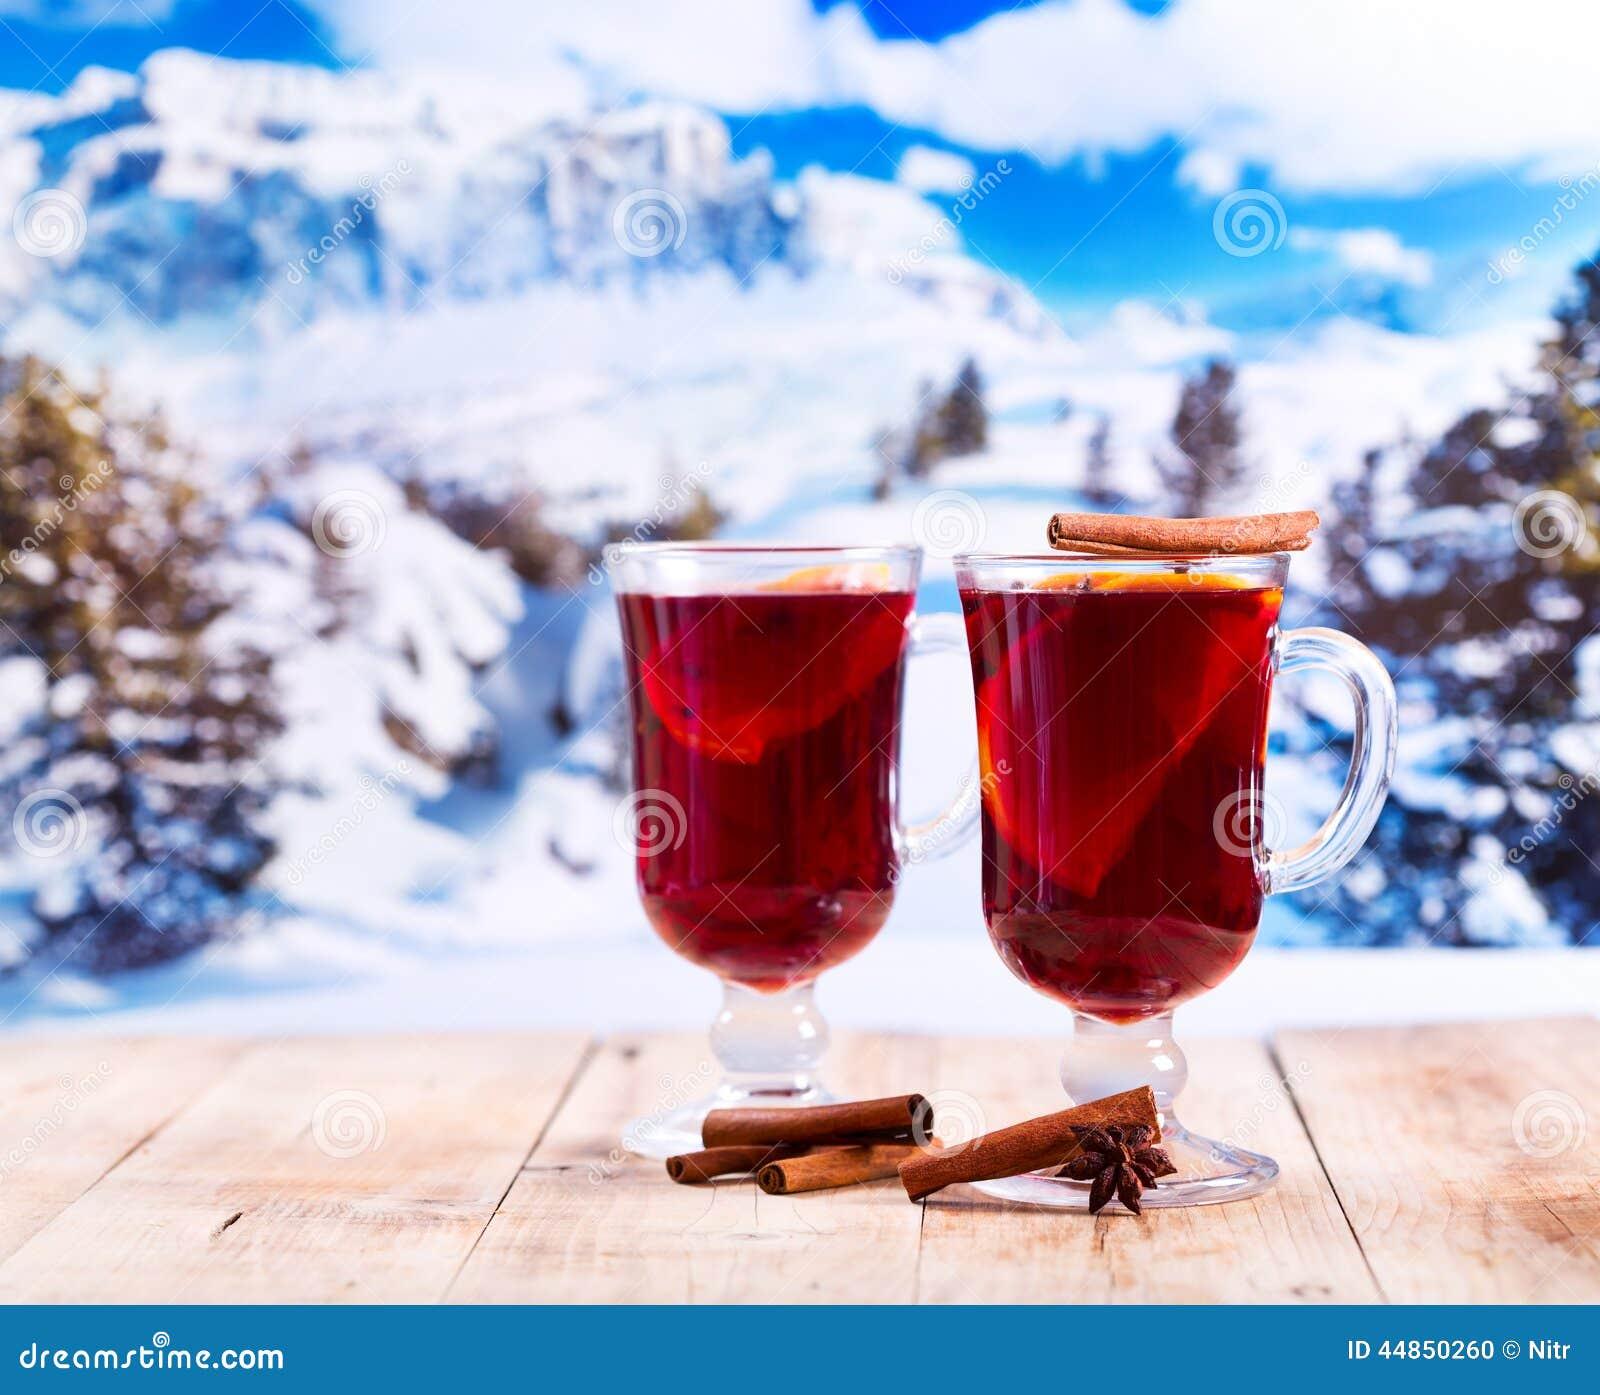 Verres de vin chaud au dessus de paysage d 39 hiver photo for Ordre des verres sur la table